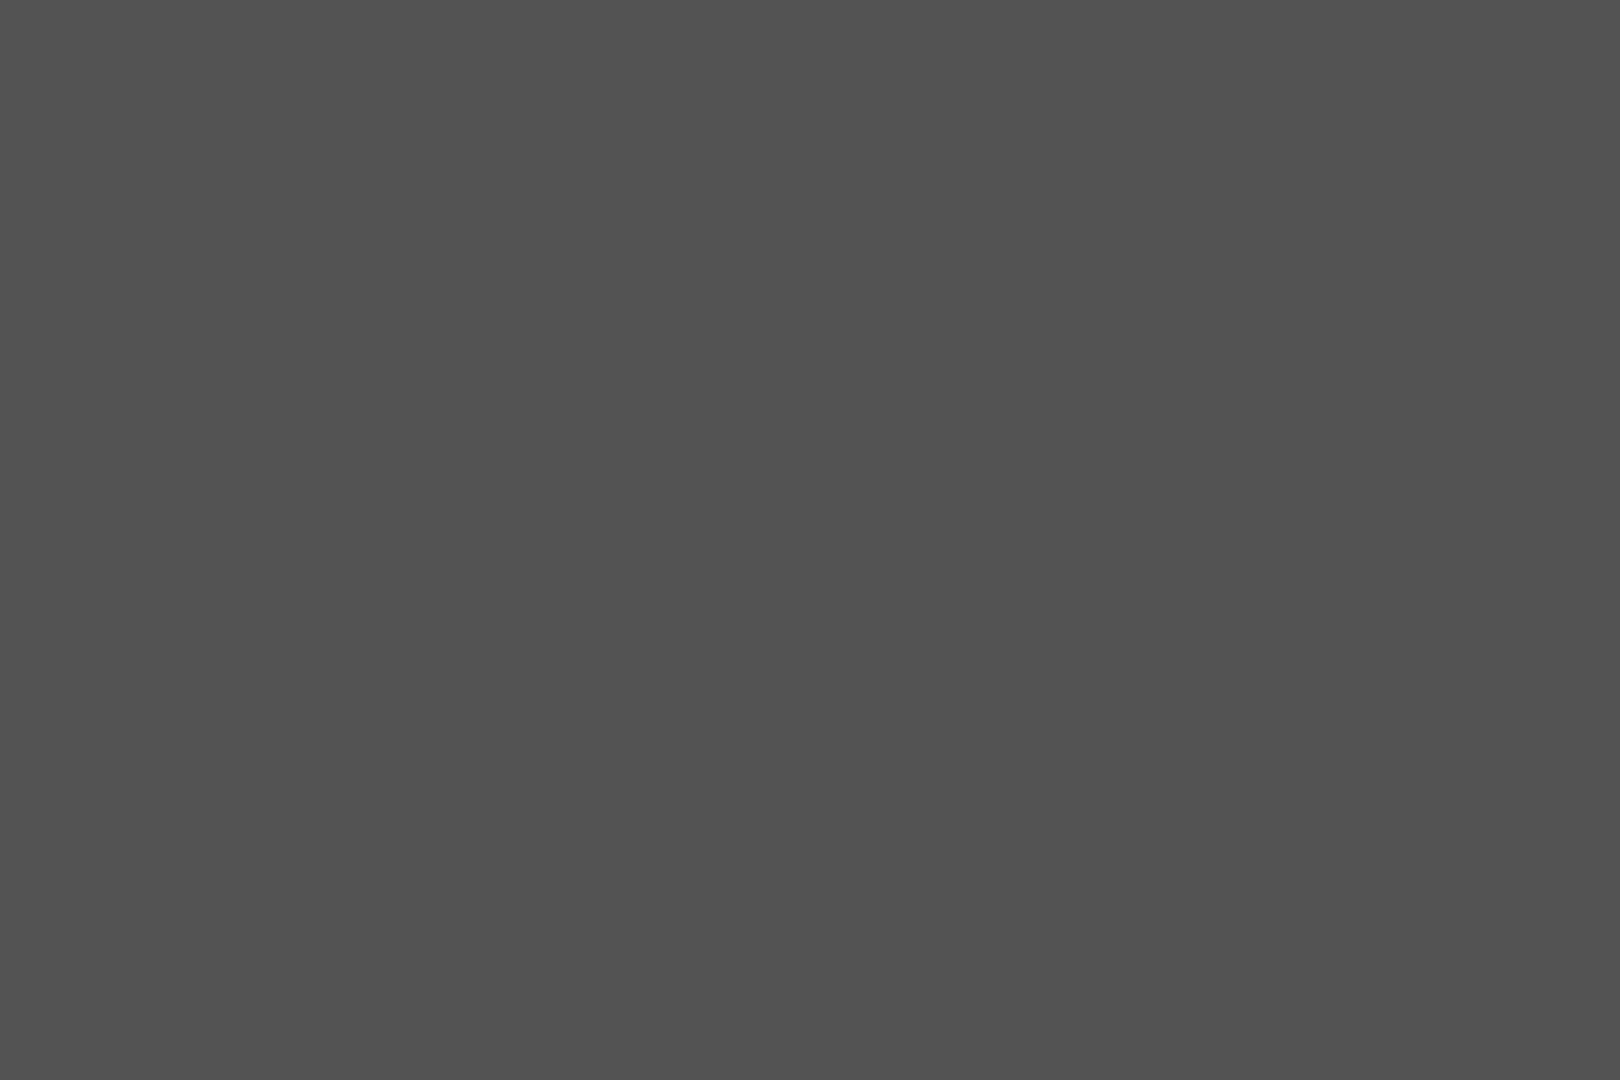 充血監督の深夜の運動会Vol.3 車 エロ画像 76pic 41